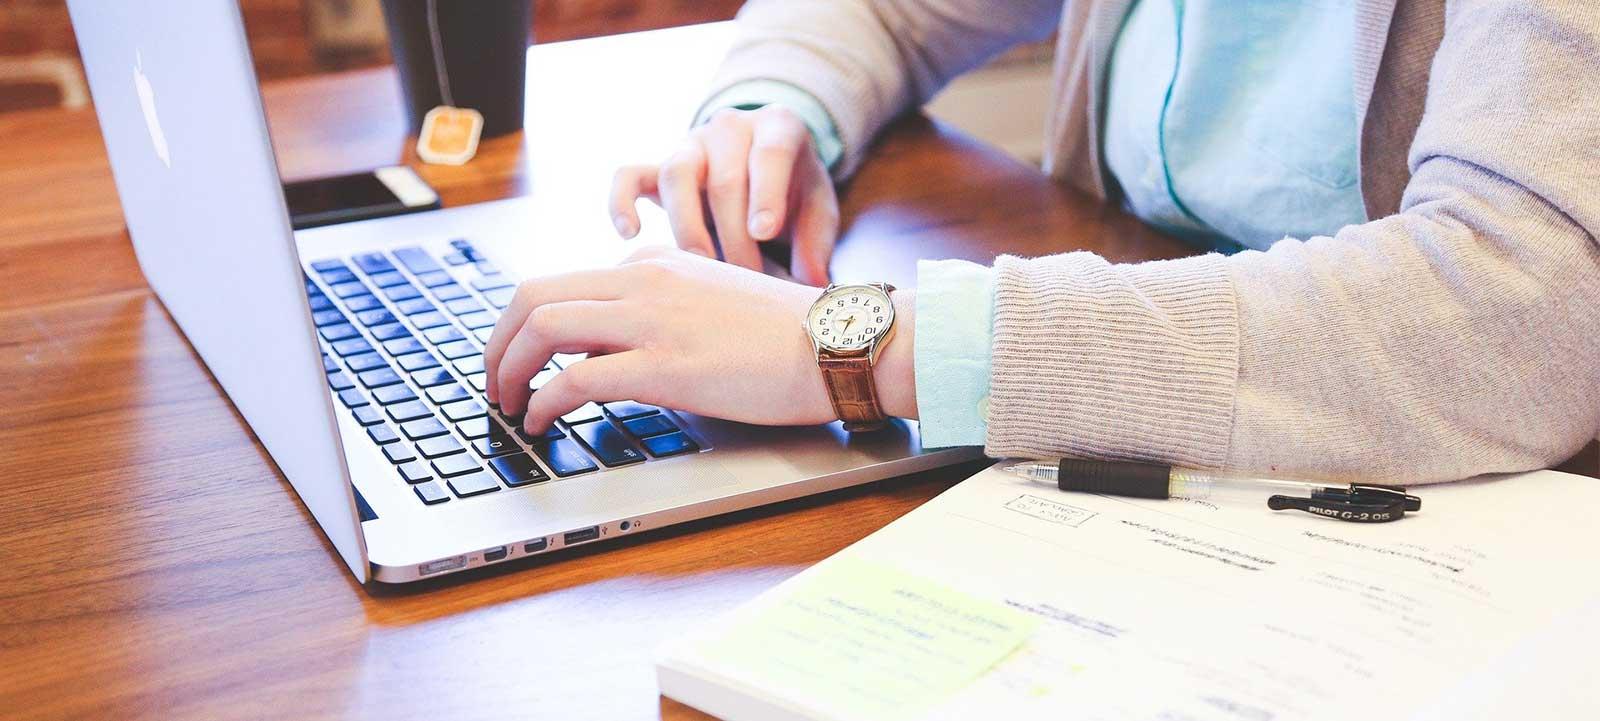 ¿Cómo afecta una epicondilitis en el trabajo?